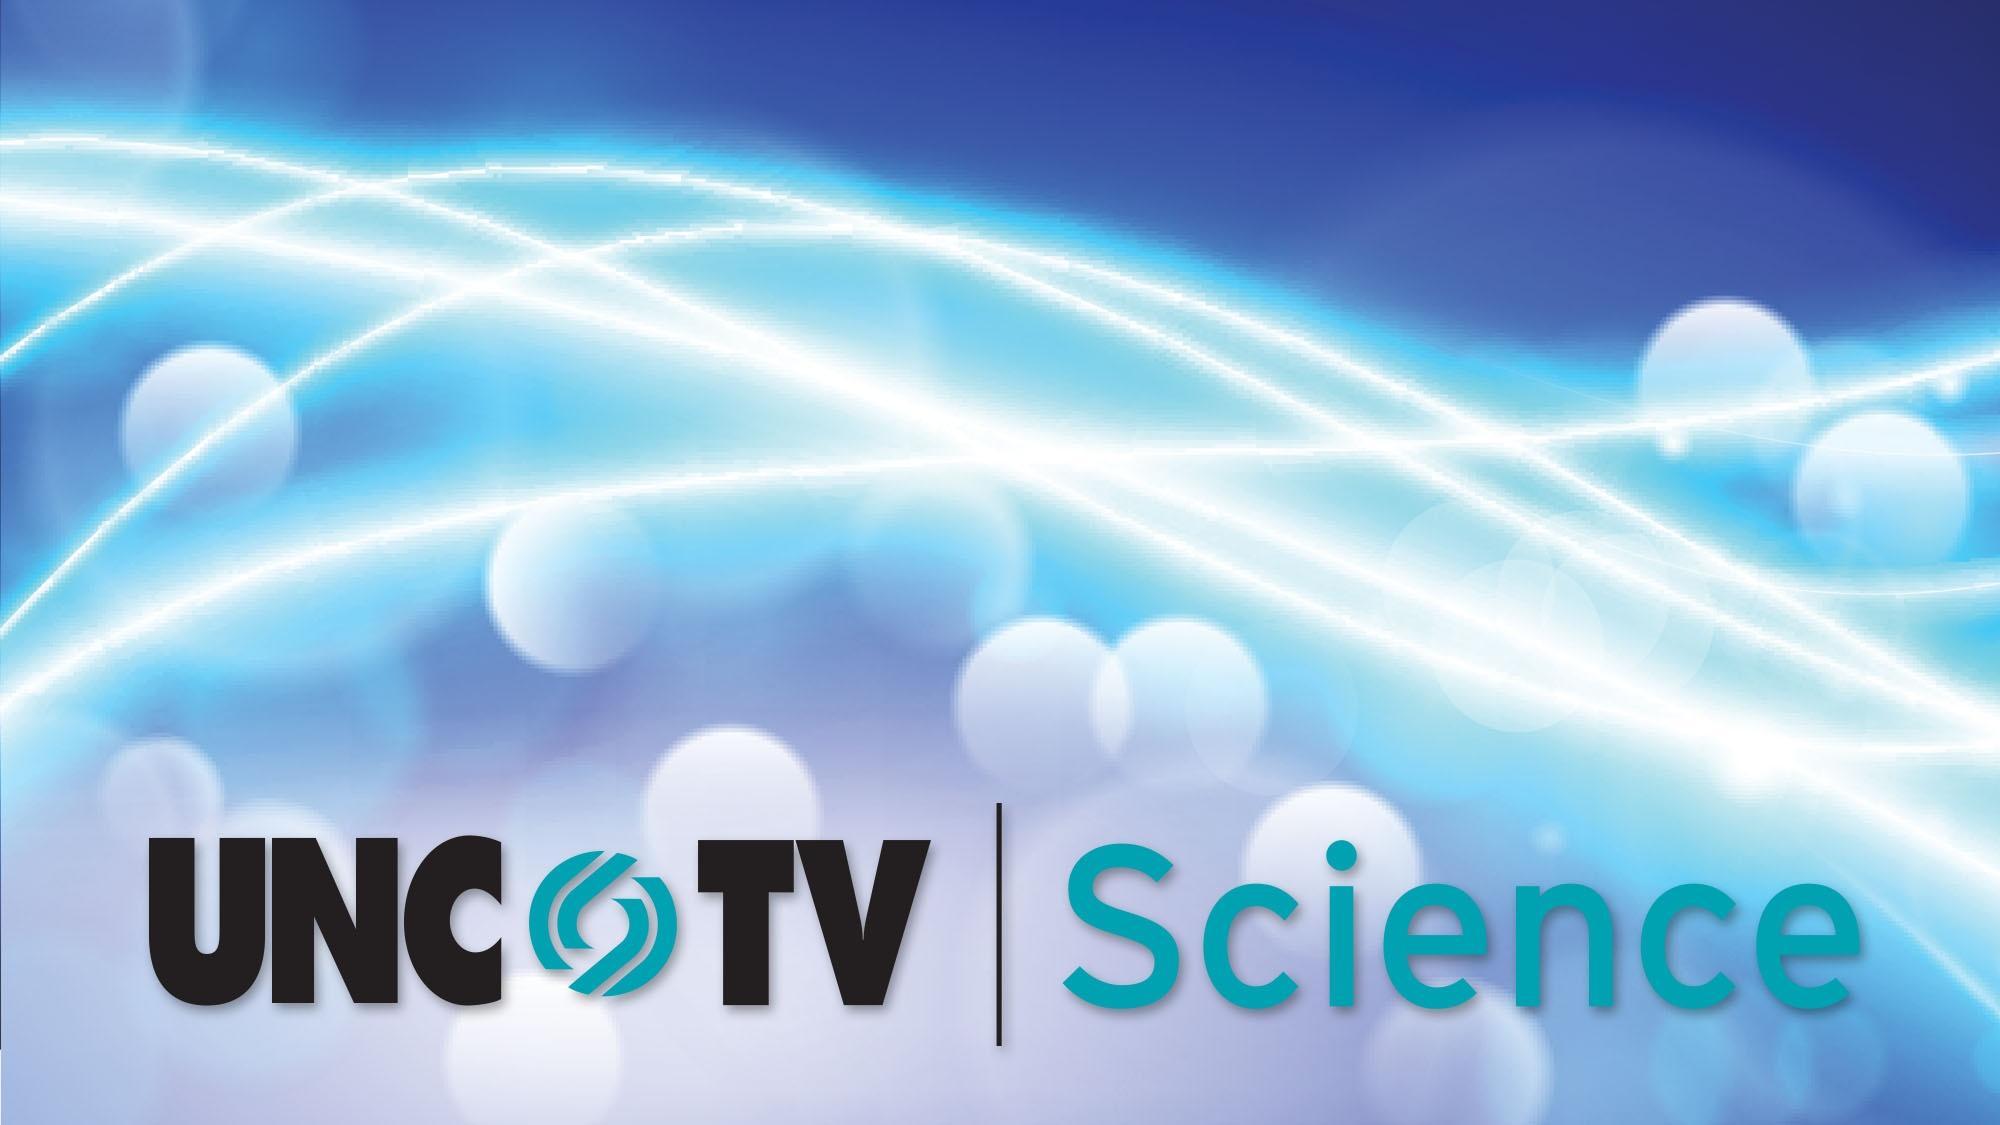 UNC-TV Science